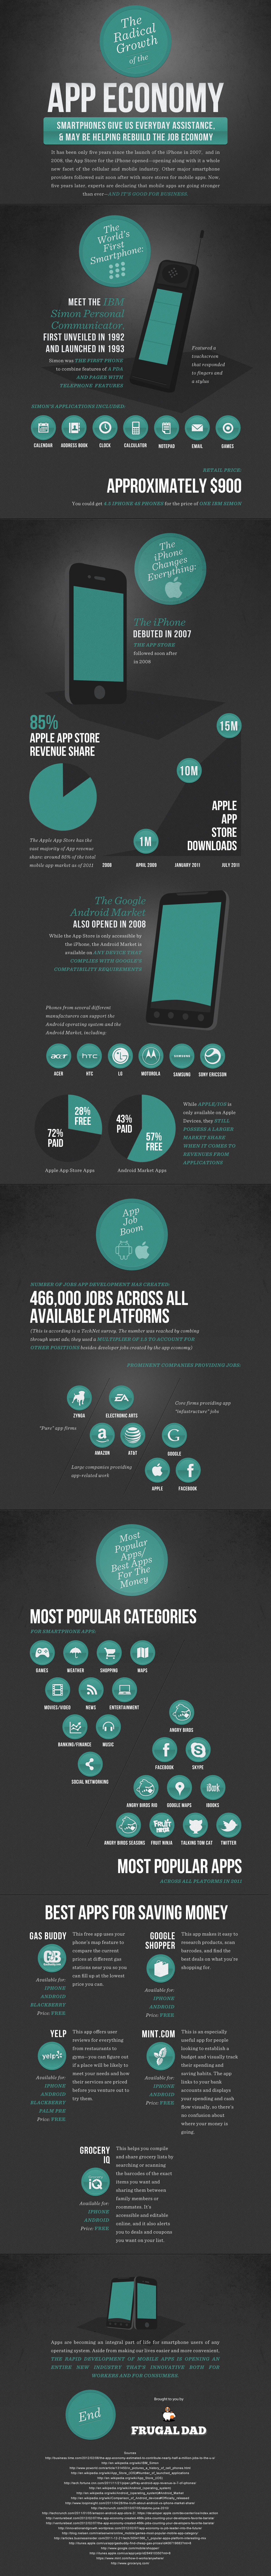 Mobile-App Economy